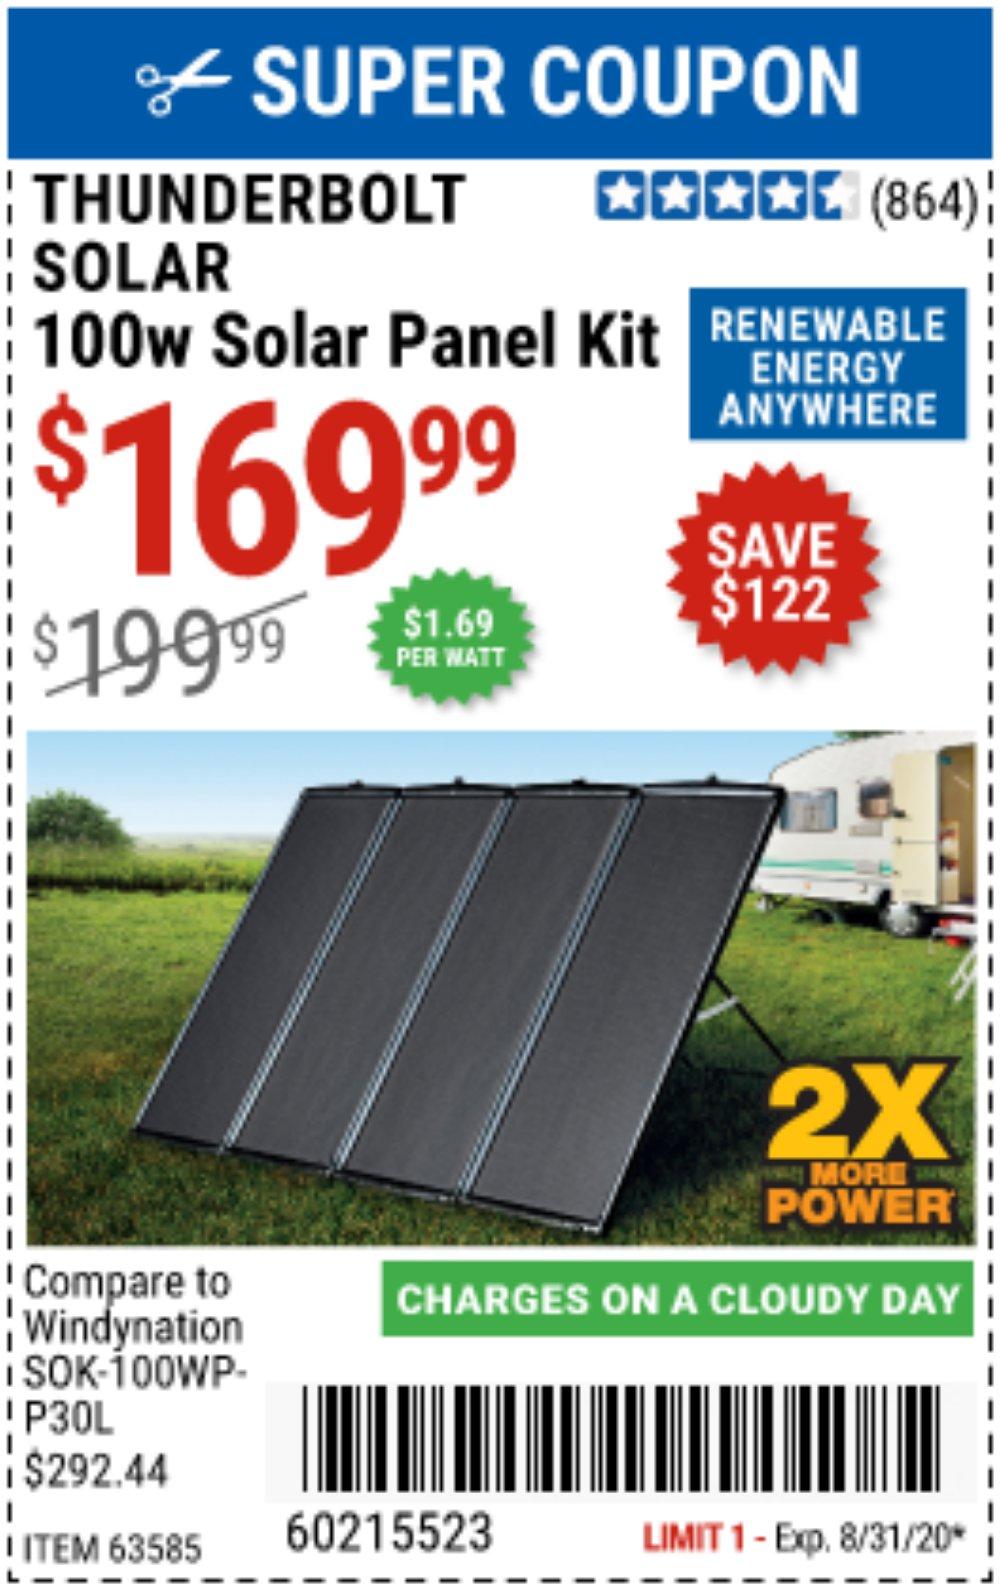 Harbor Freight Coupon, HF Coupons - 100 Watt Solar Panel Kit